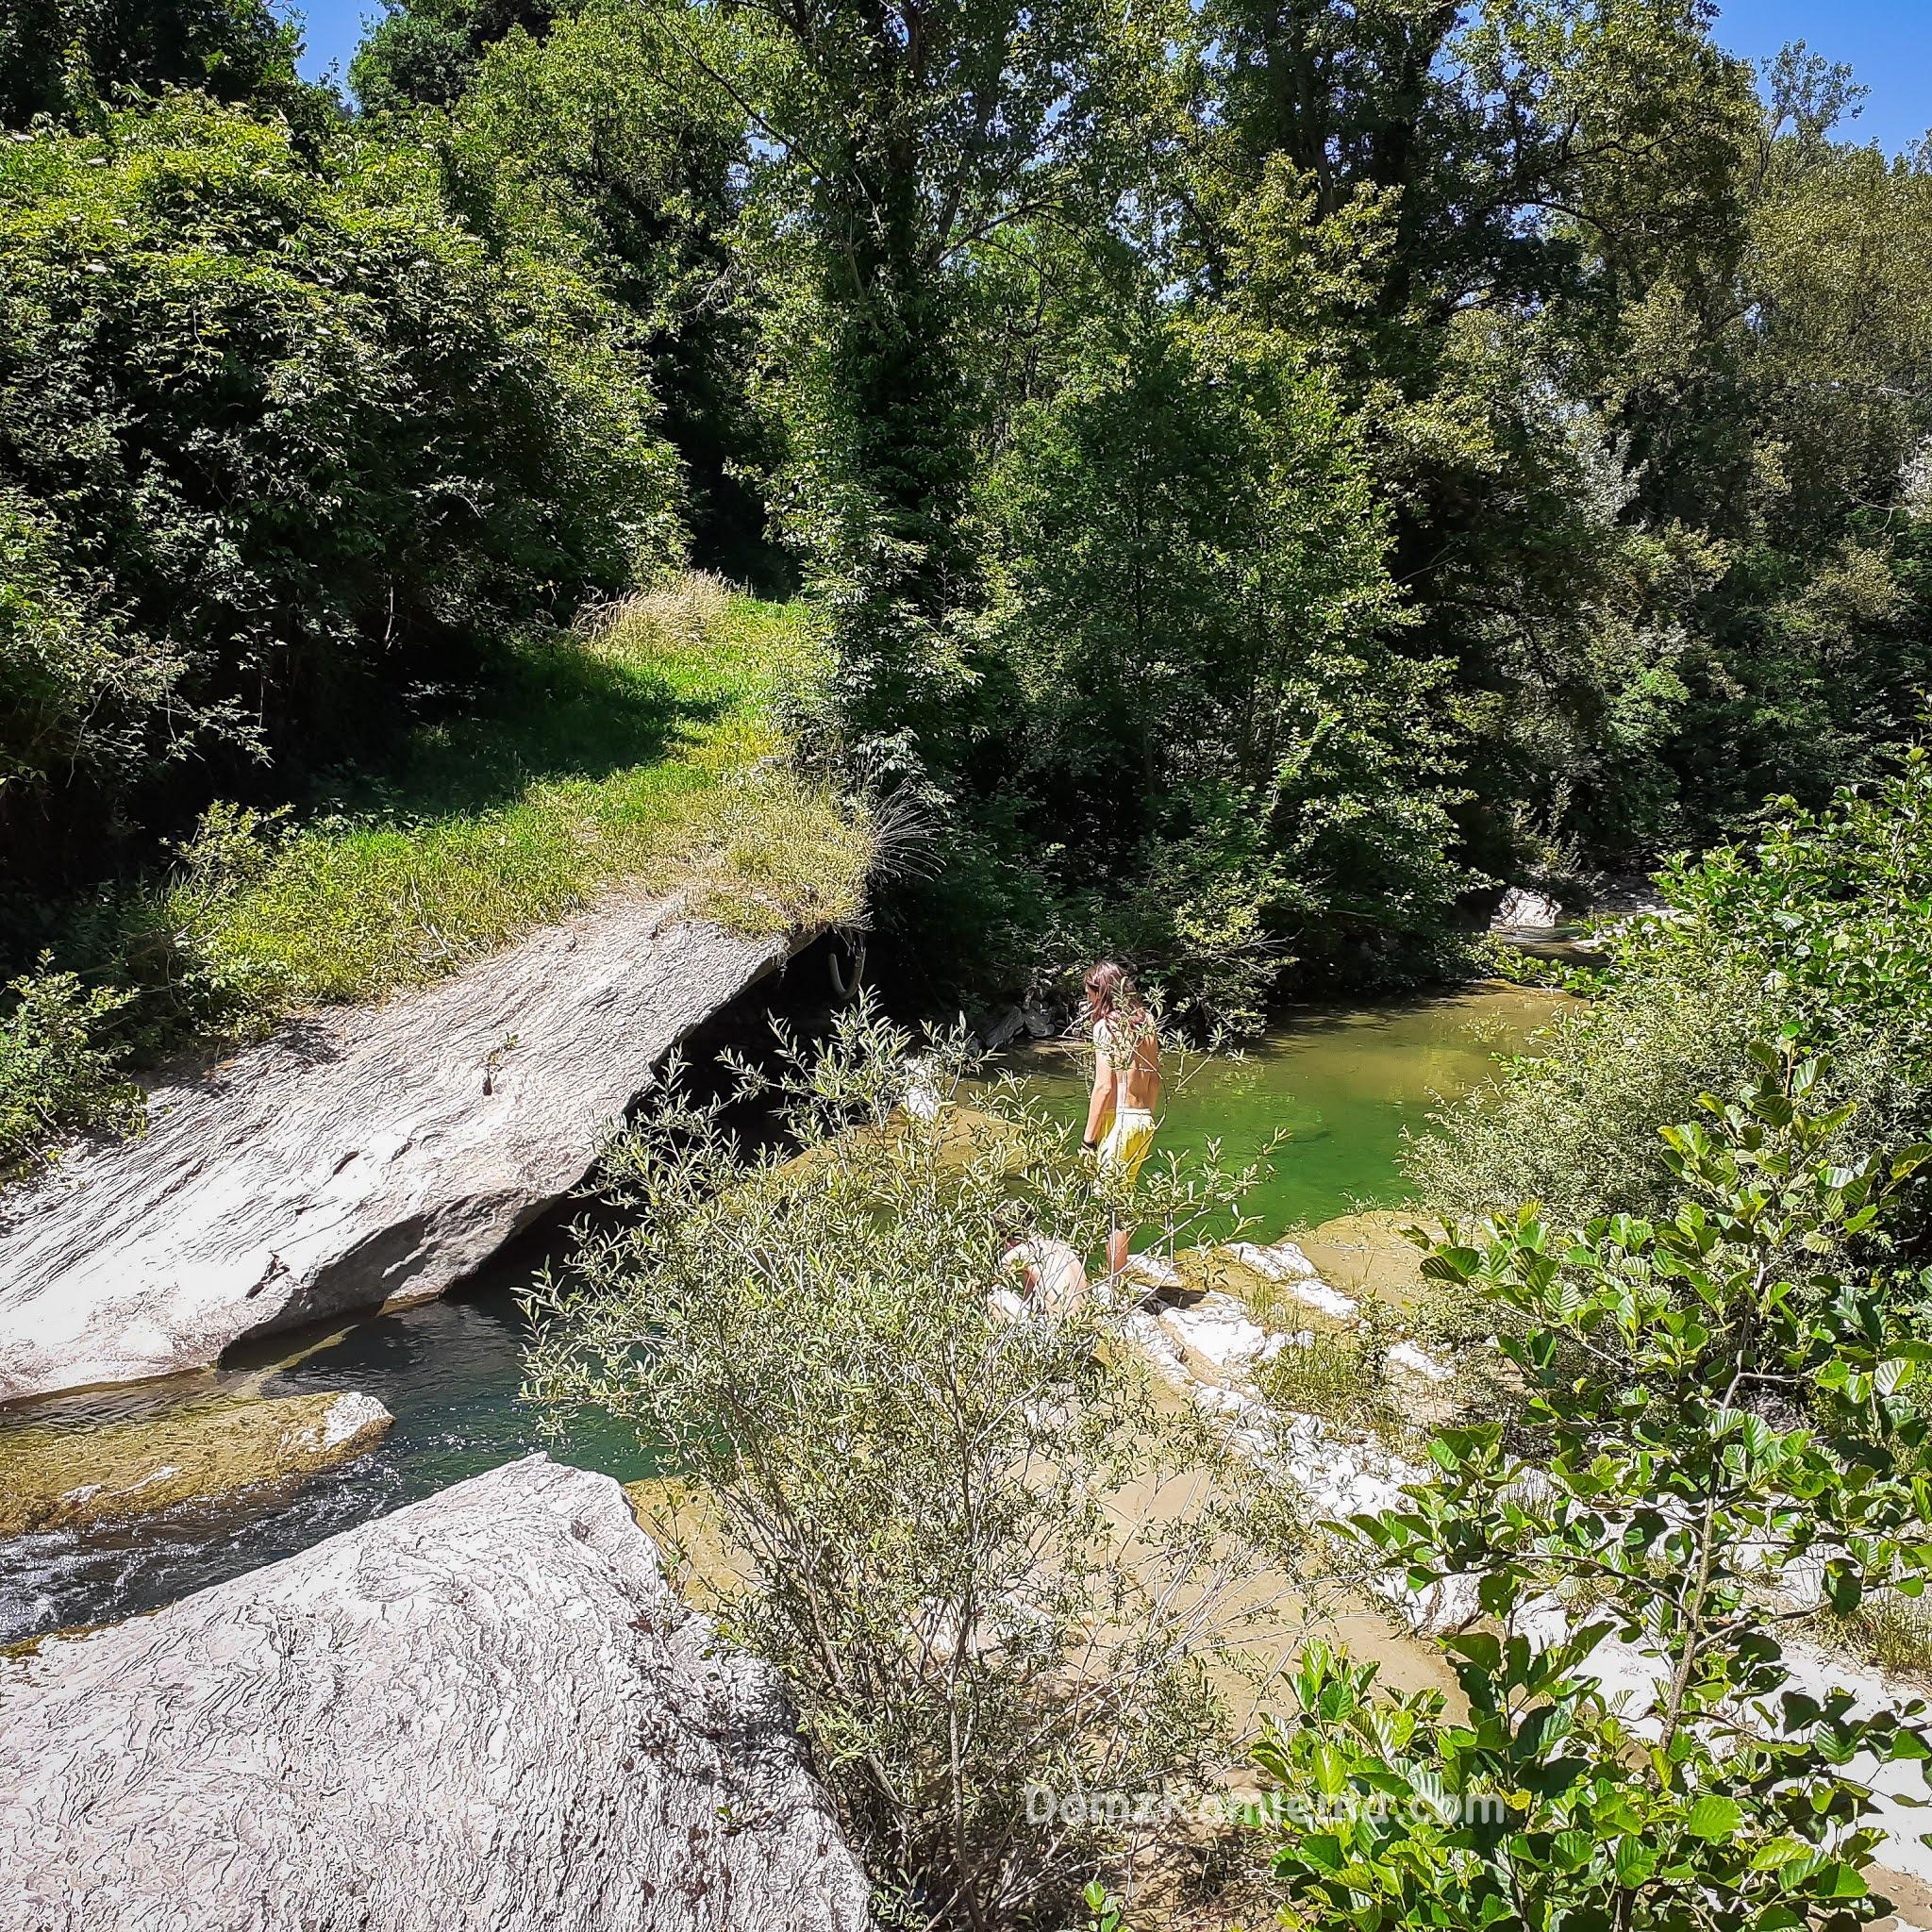 Nad rzeką w Biforco - Dom z Kamienia blog